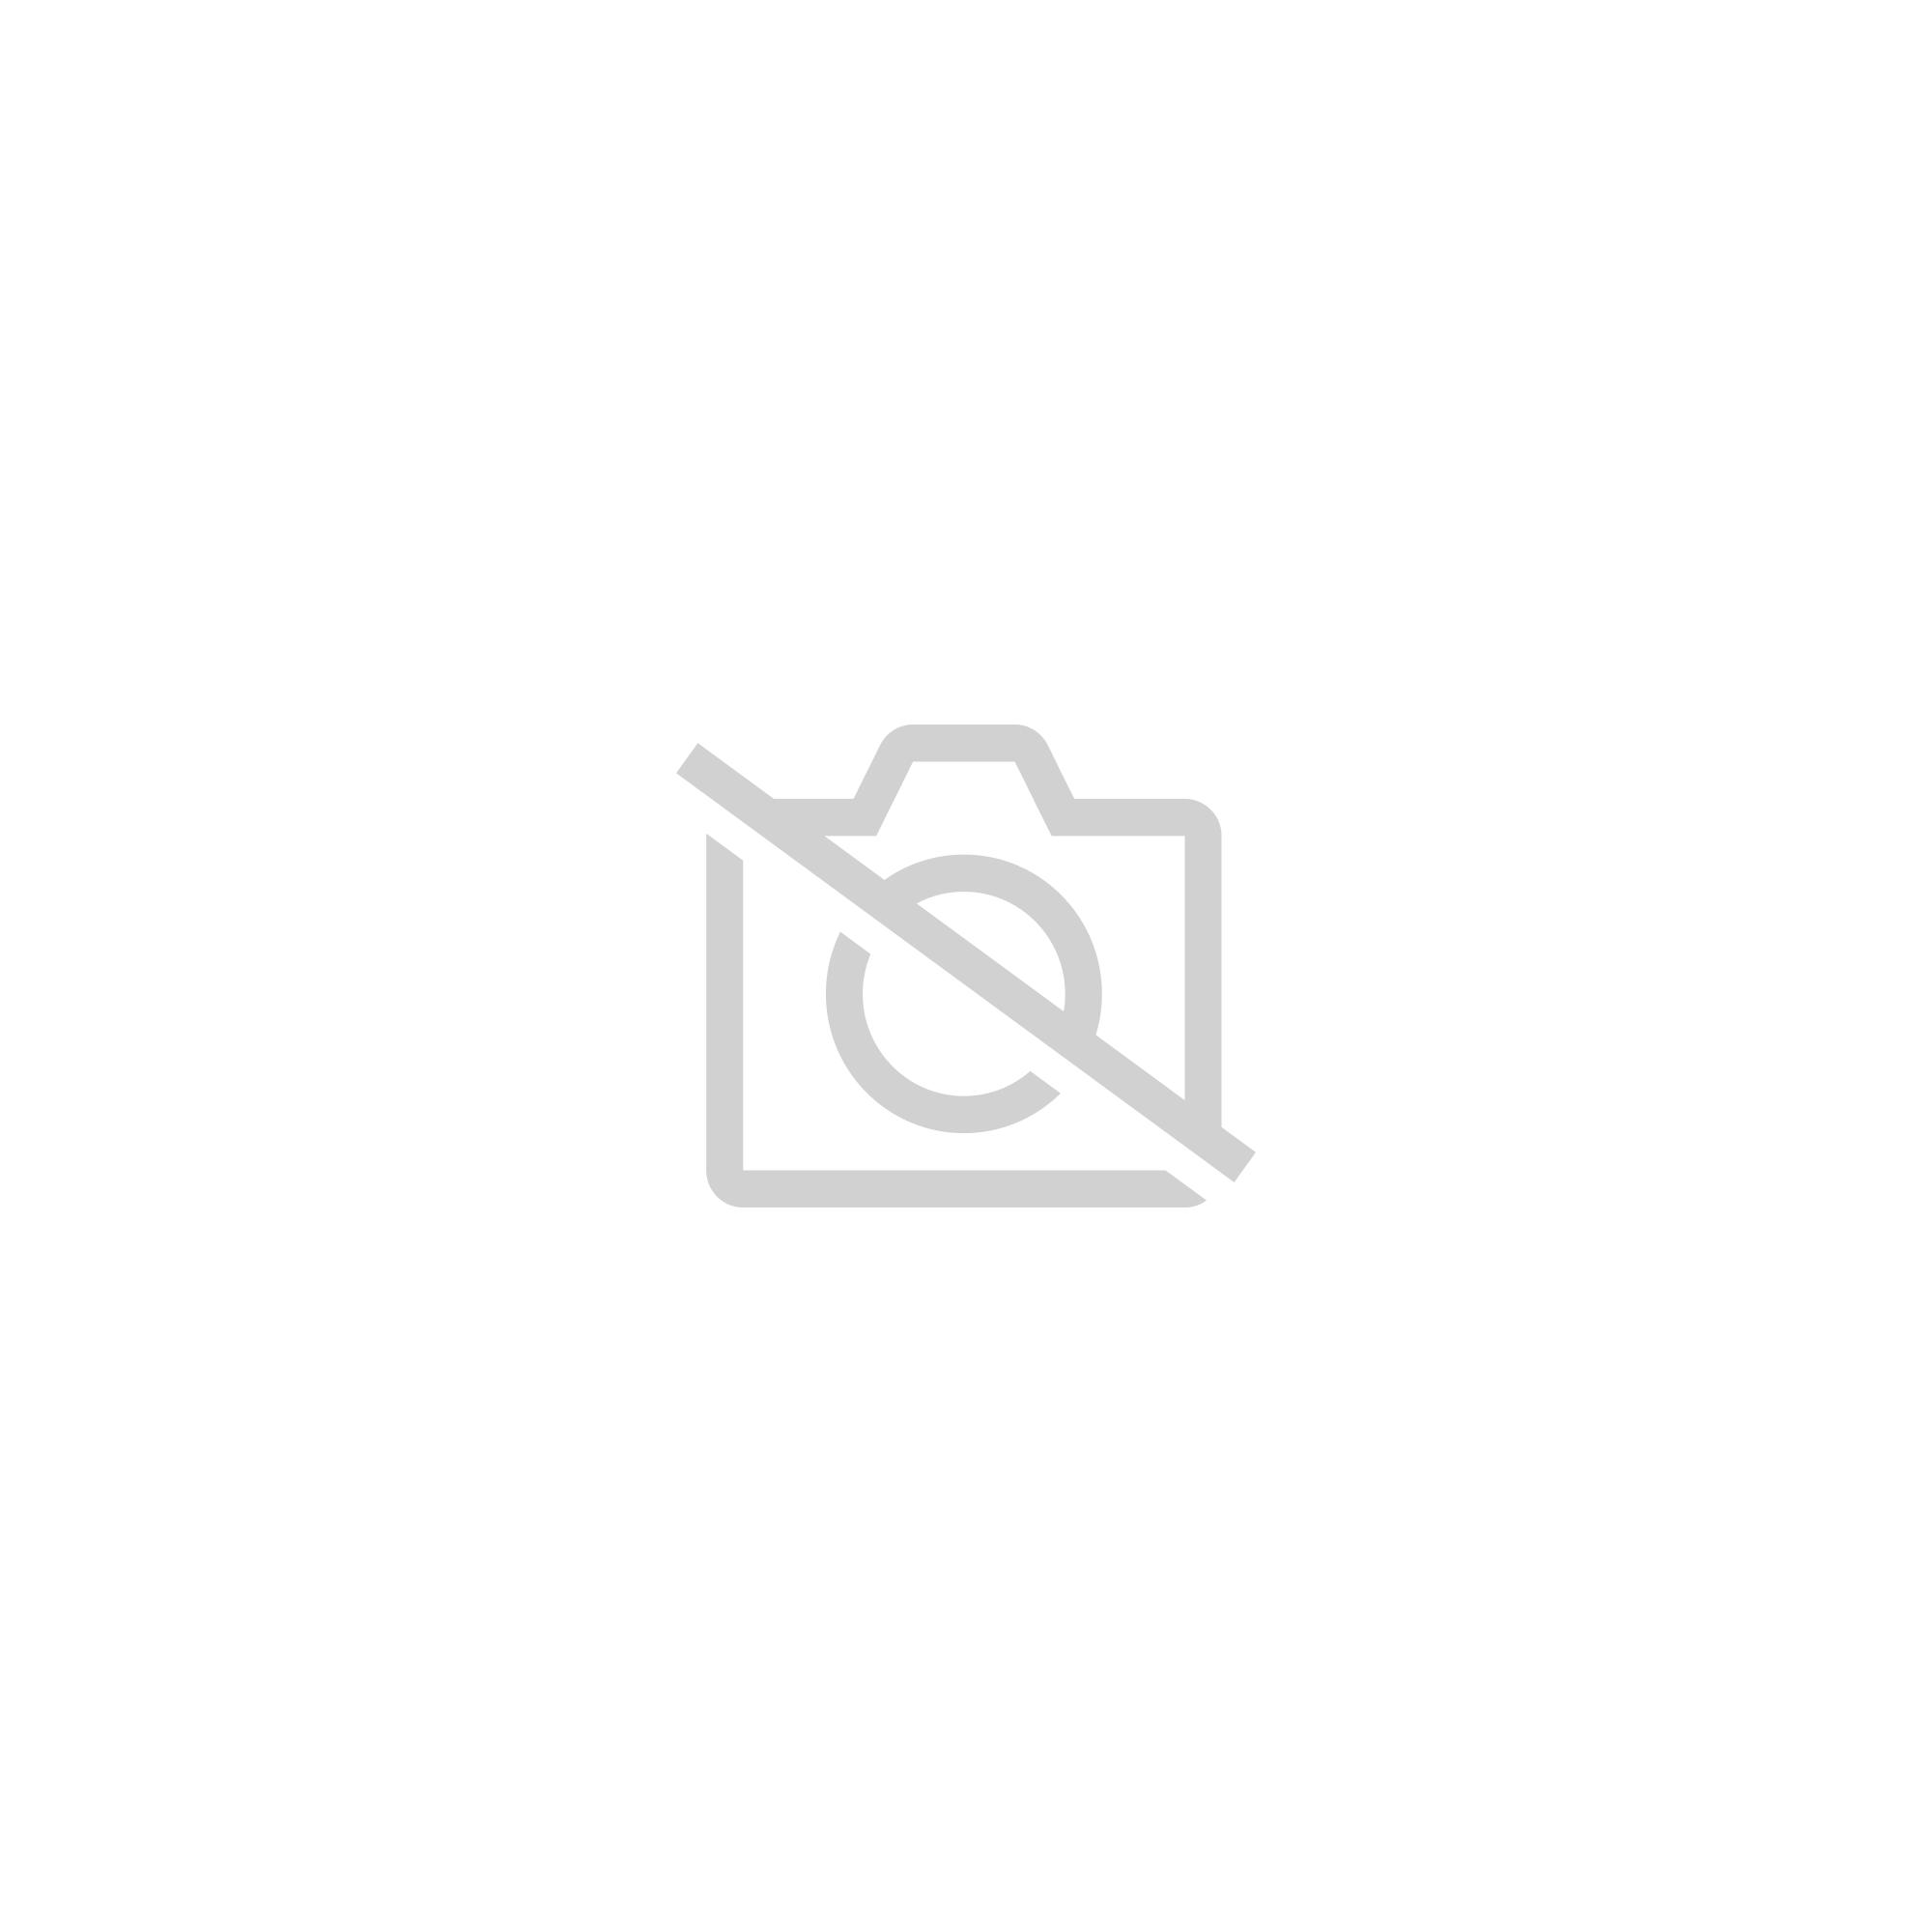 Fortnite, Saison 4 Et 5 - Le Guide Non-Officiel Indispensable